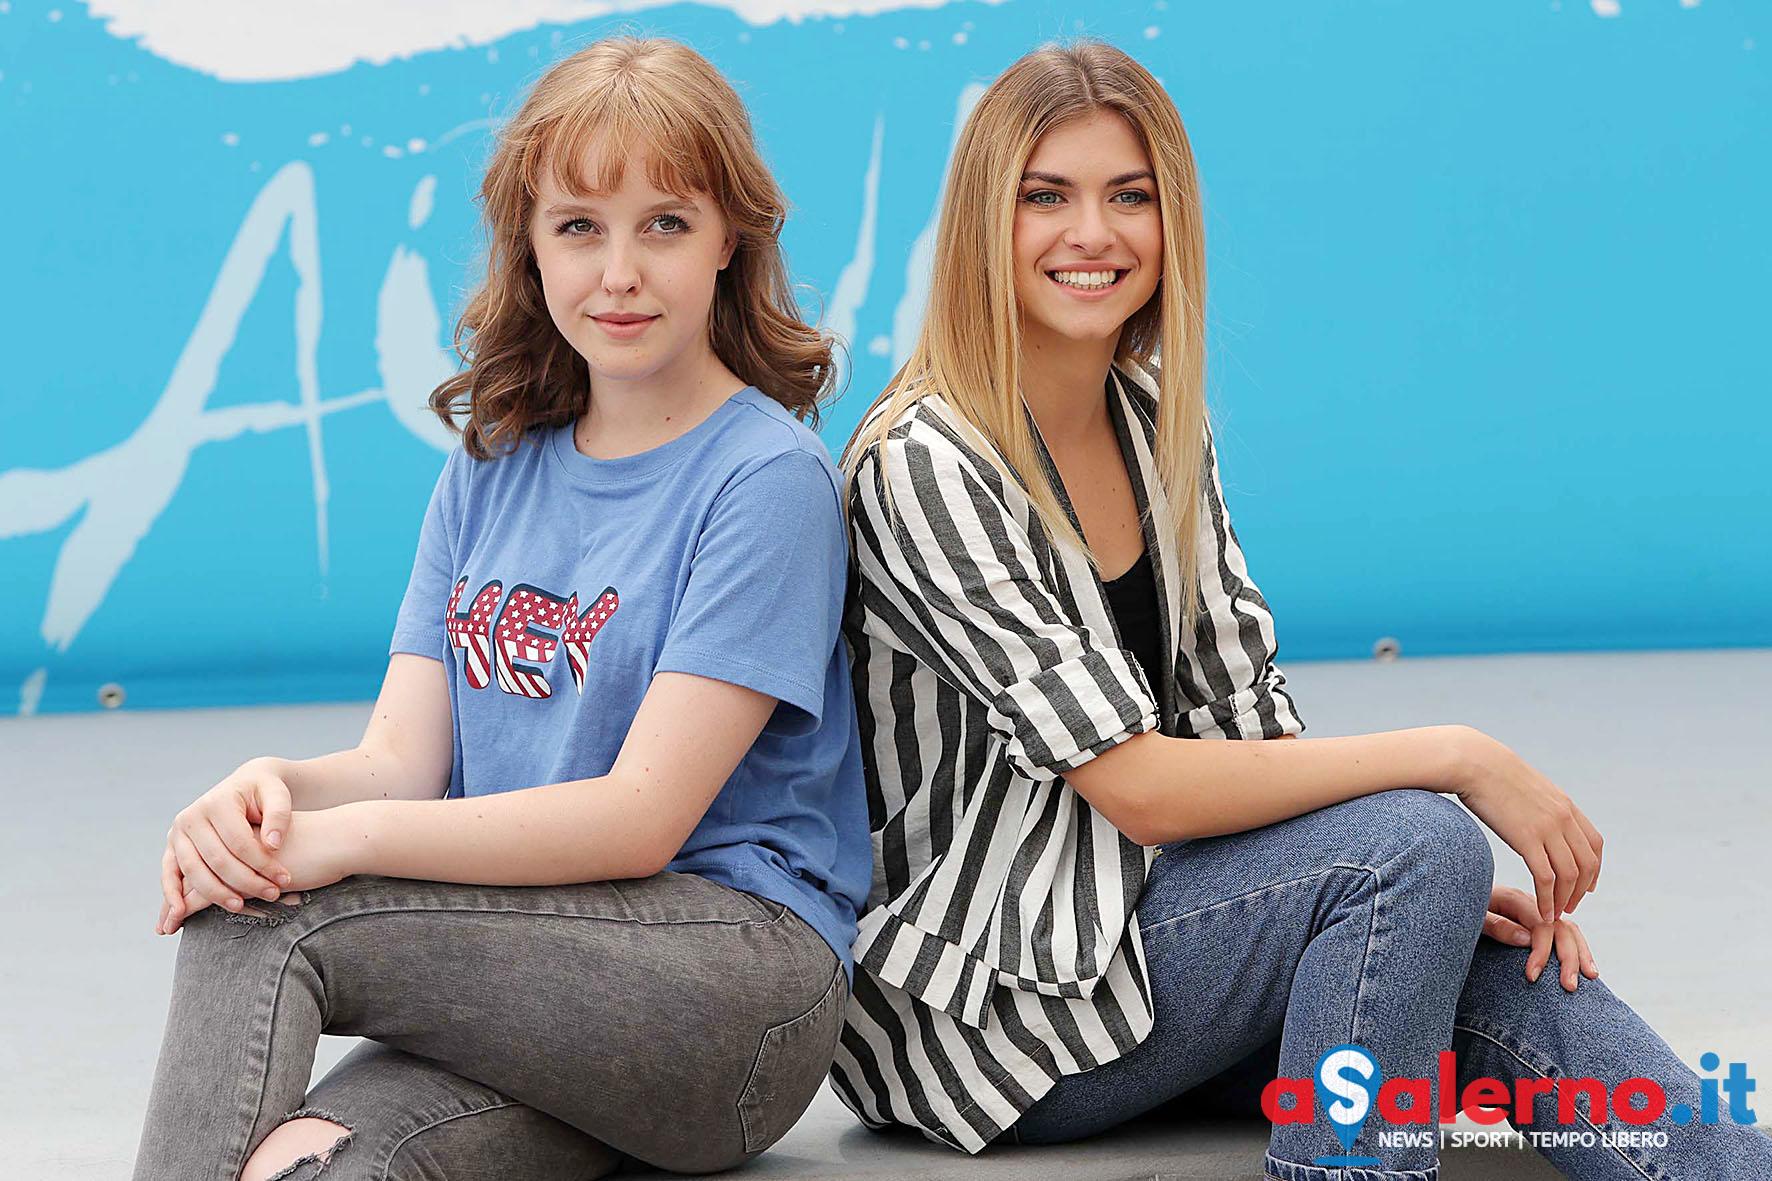 SAL - 22 07 2018 Giffoni film festival. Nella foto Sara e Marti. Foto Tanopress